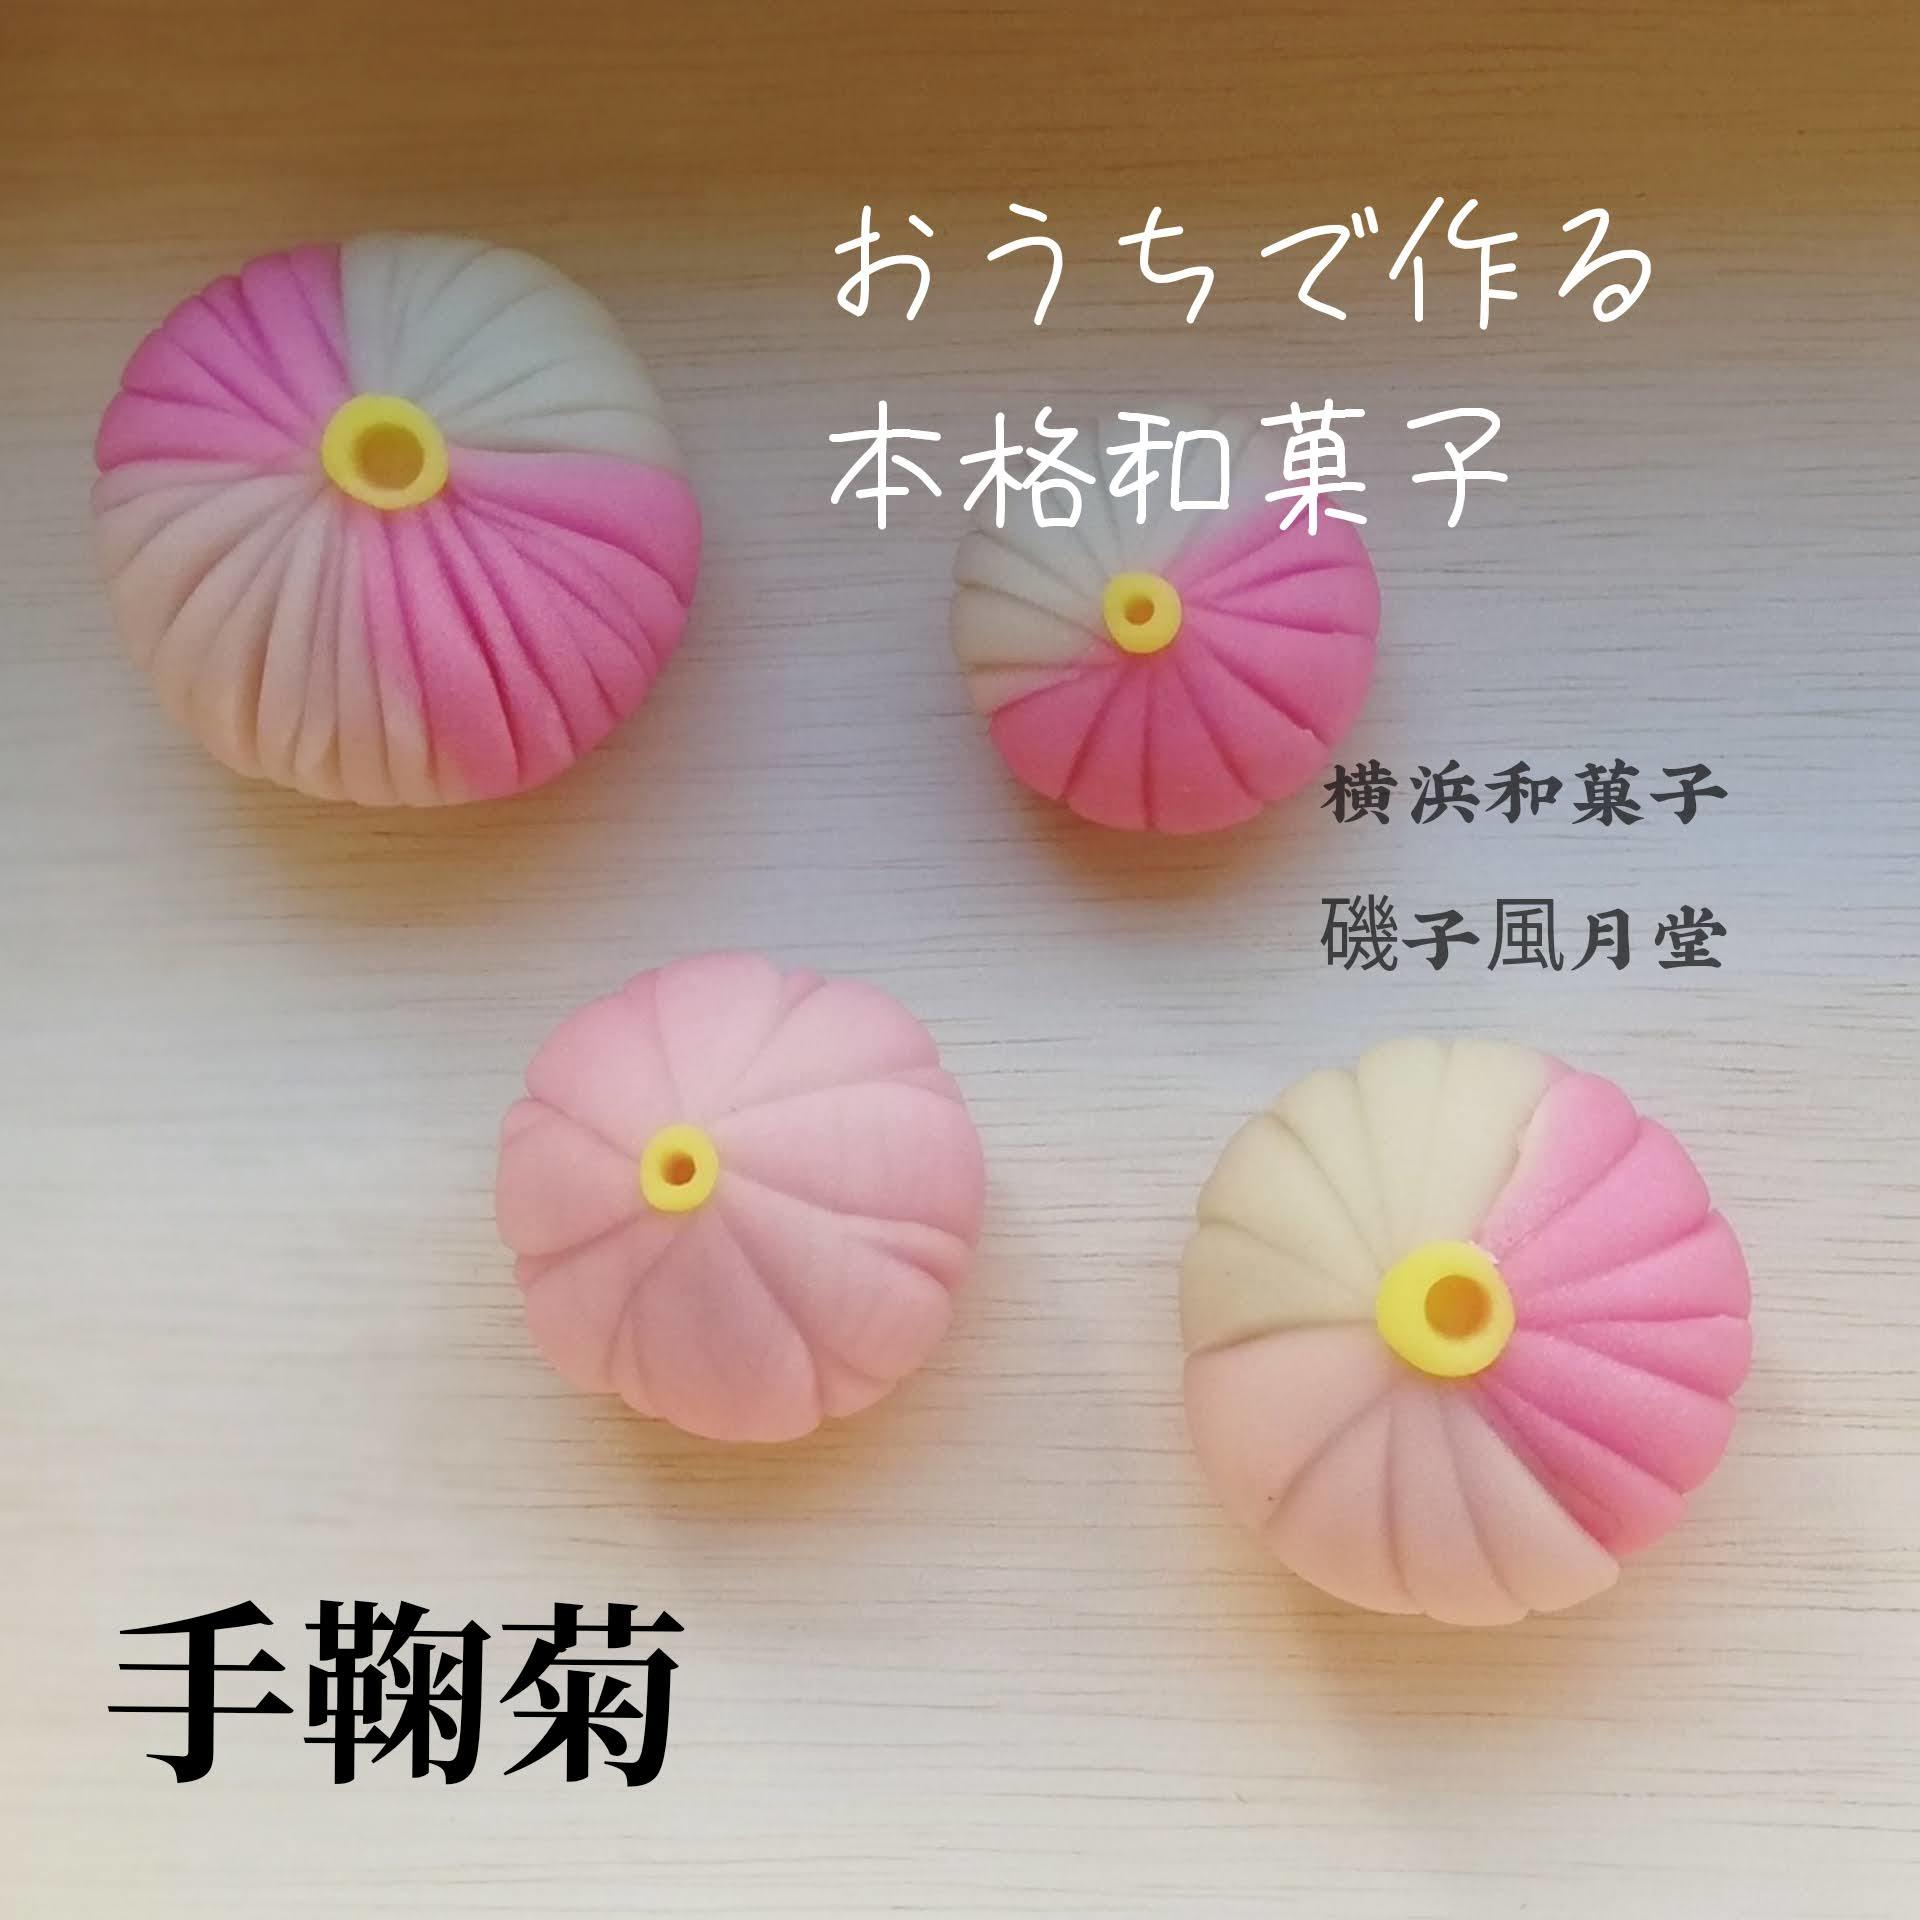 おうちで和菓子 和菓子キット 磯子風月堂_e0092594_22585633.jpg